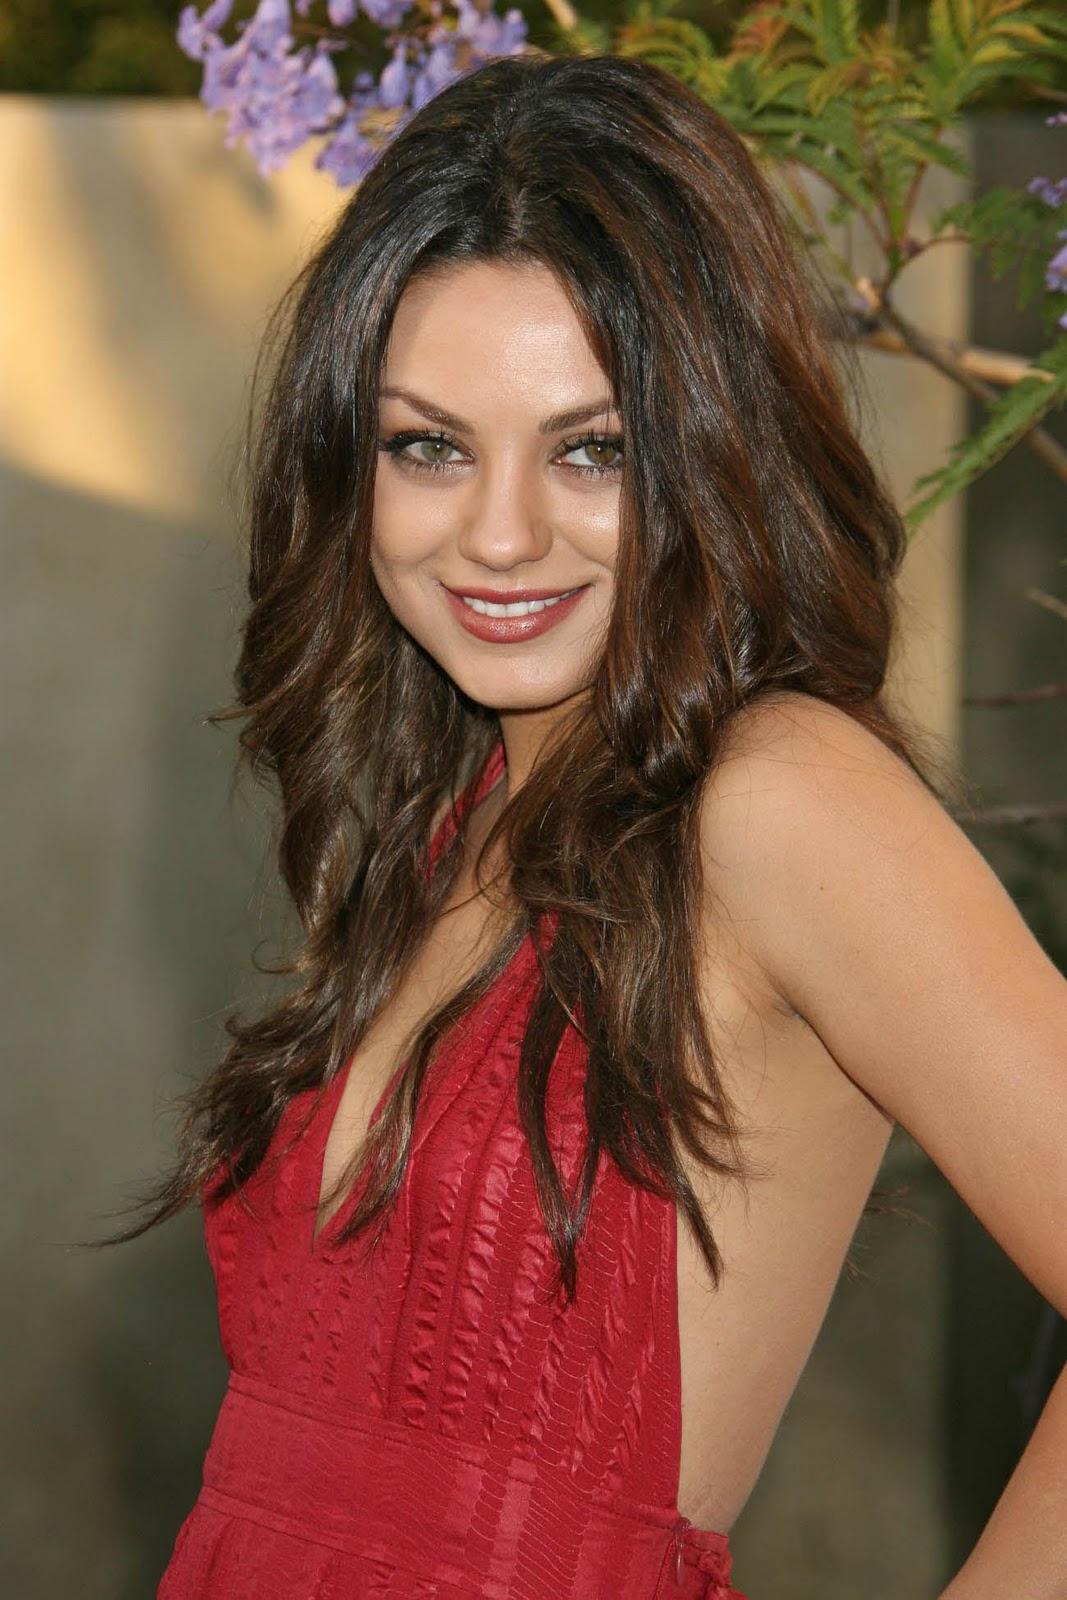 2011 Most Beautiful Girls: 10 Most Beautiful Woman 2011